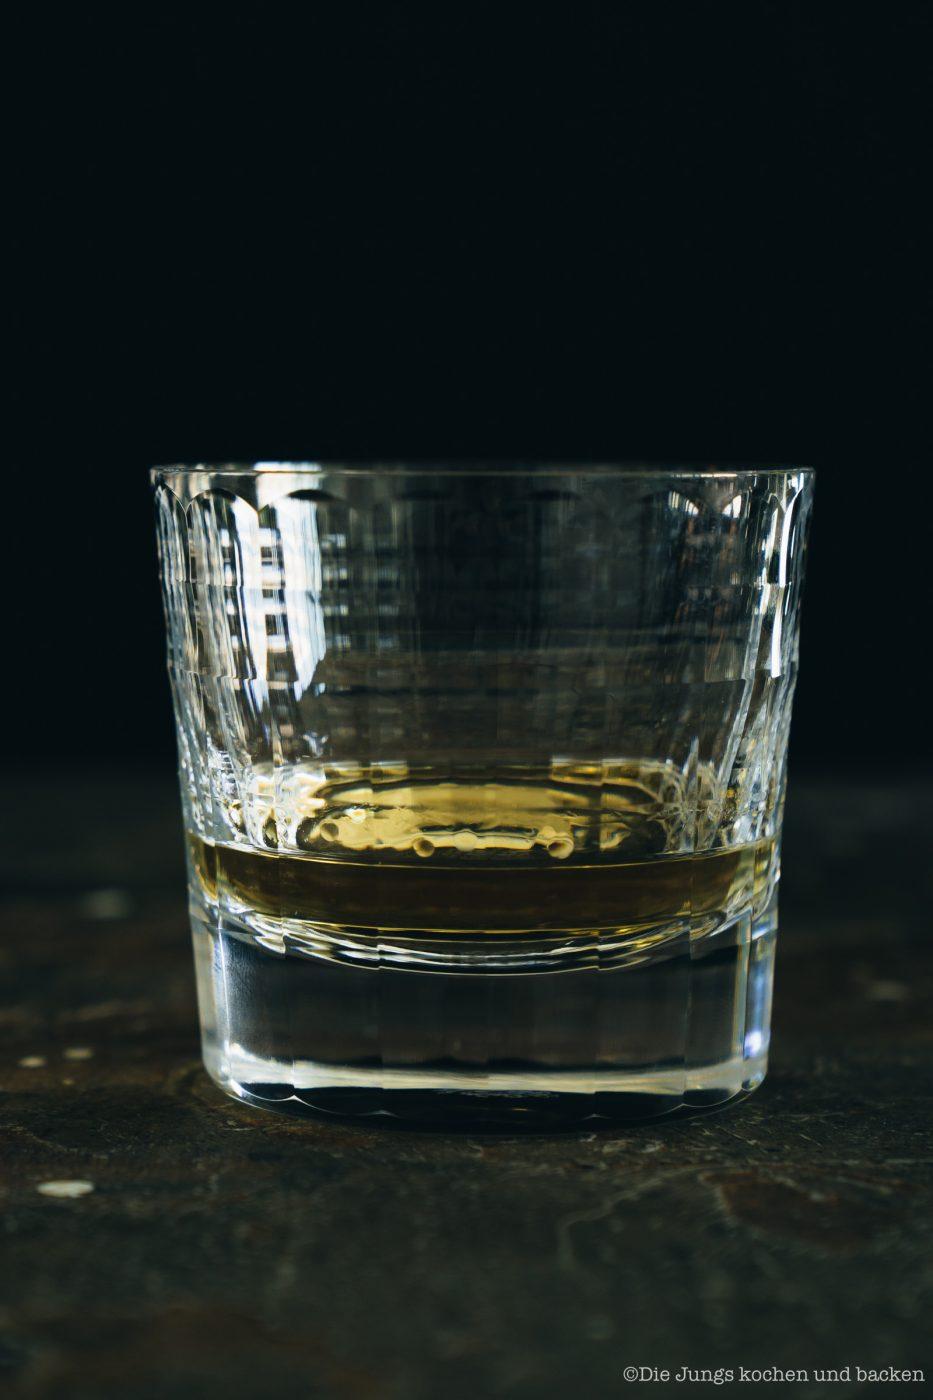 SMWS Bl%C3%A4tterteig happen 9 | Heute haben wir quasi gleich zwei Rezepte für euch im Gepäck, denn wir sind echte Fans von diesen leckeren Kleinigkeiten - Snacks mit wenigen Zutaten, die super flott gemacht sind . Und obendrein haben wir noch ein paar wirklich schöne Informationen für alle Whisky Liebhaber. Und natürlich auch für die, die es noch werden wollen. Außerdem geht es um Foodpairing mit Whisky. Und genau dafür haben wir die beiden Rezepte umgesetzt. Als erstes fangen wir hier mit unseren Blätterteig-Happen mit Knoblauch und Tomate an. Ich finde, das klingt schon mal nach einer perfekten Grundlage, um ein Whisky Tasting zu starten.